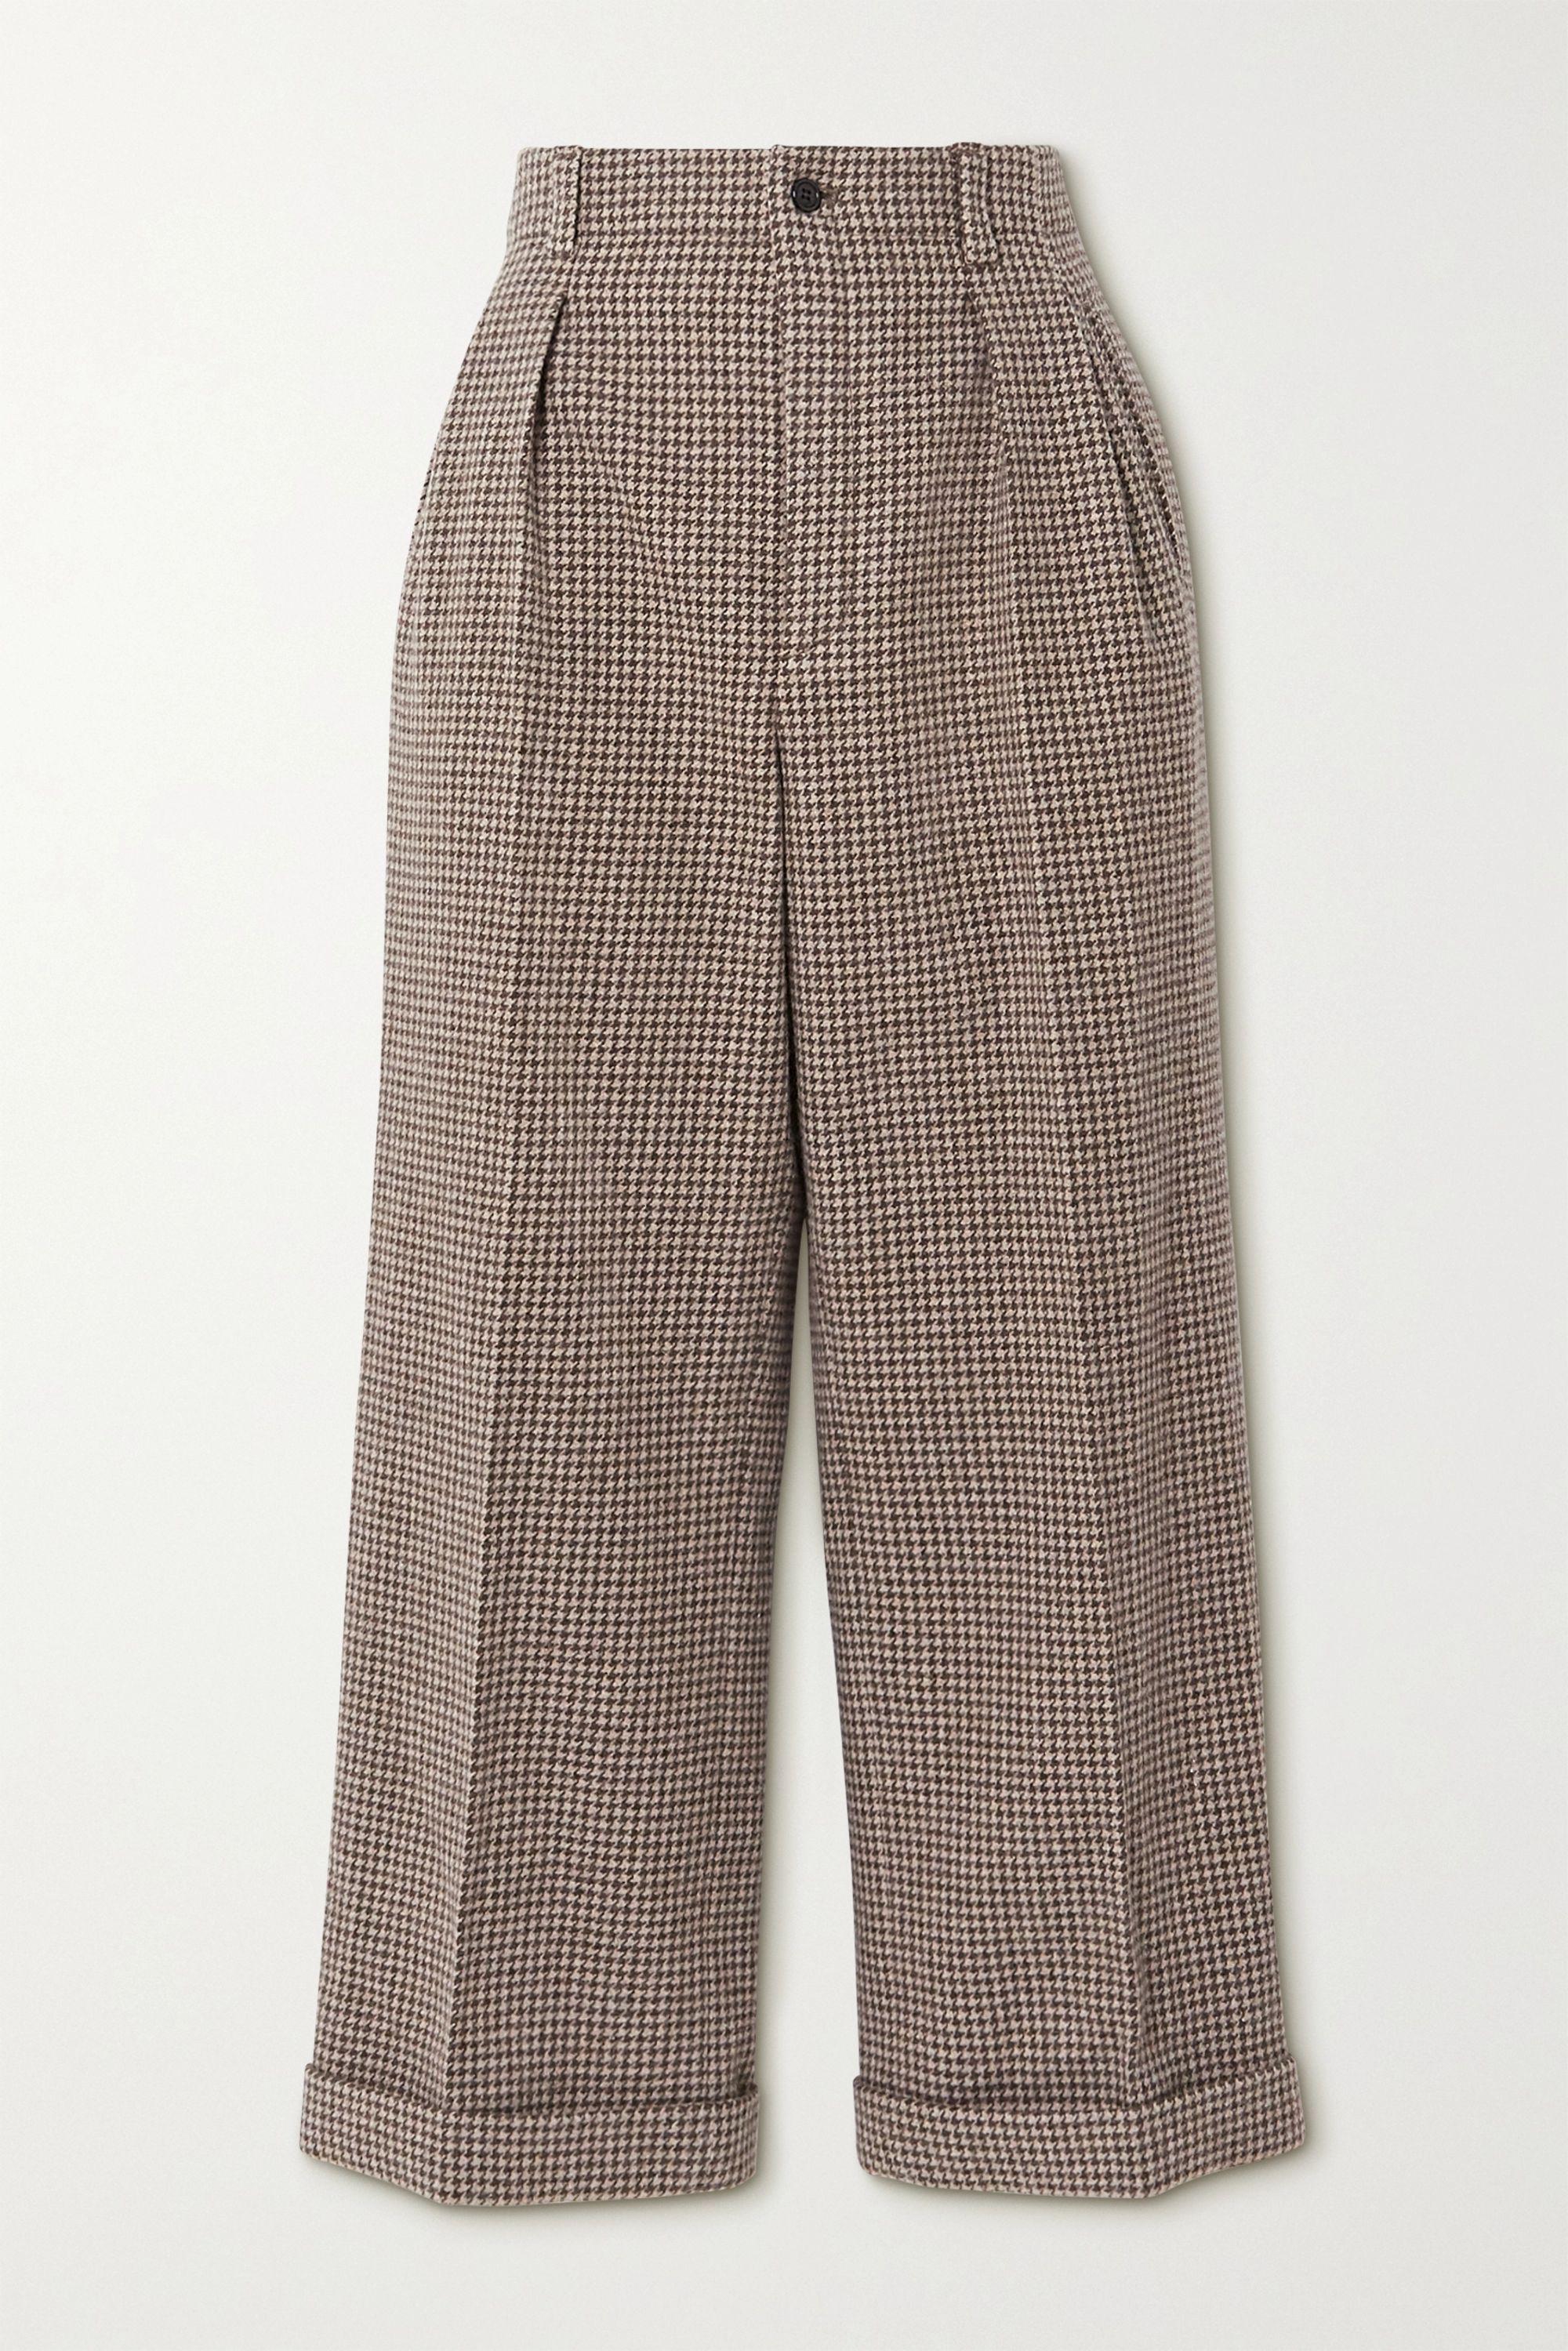 SAINT LAURENT Pantalon large raccourci en laine pied-de-poule à plis